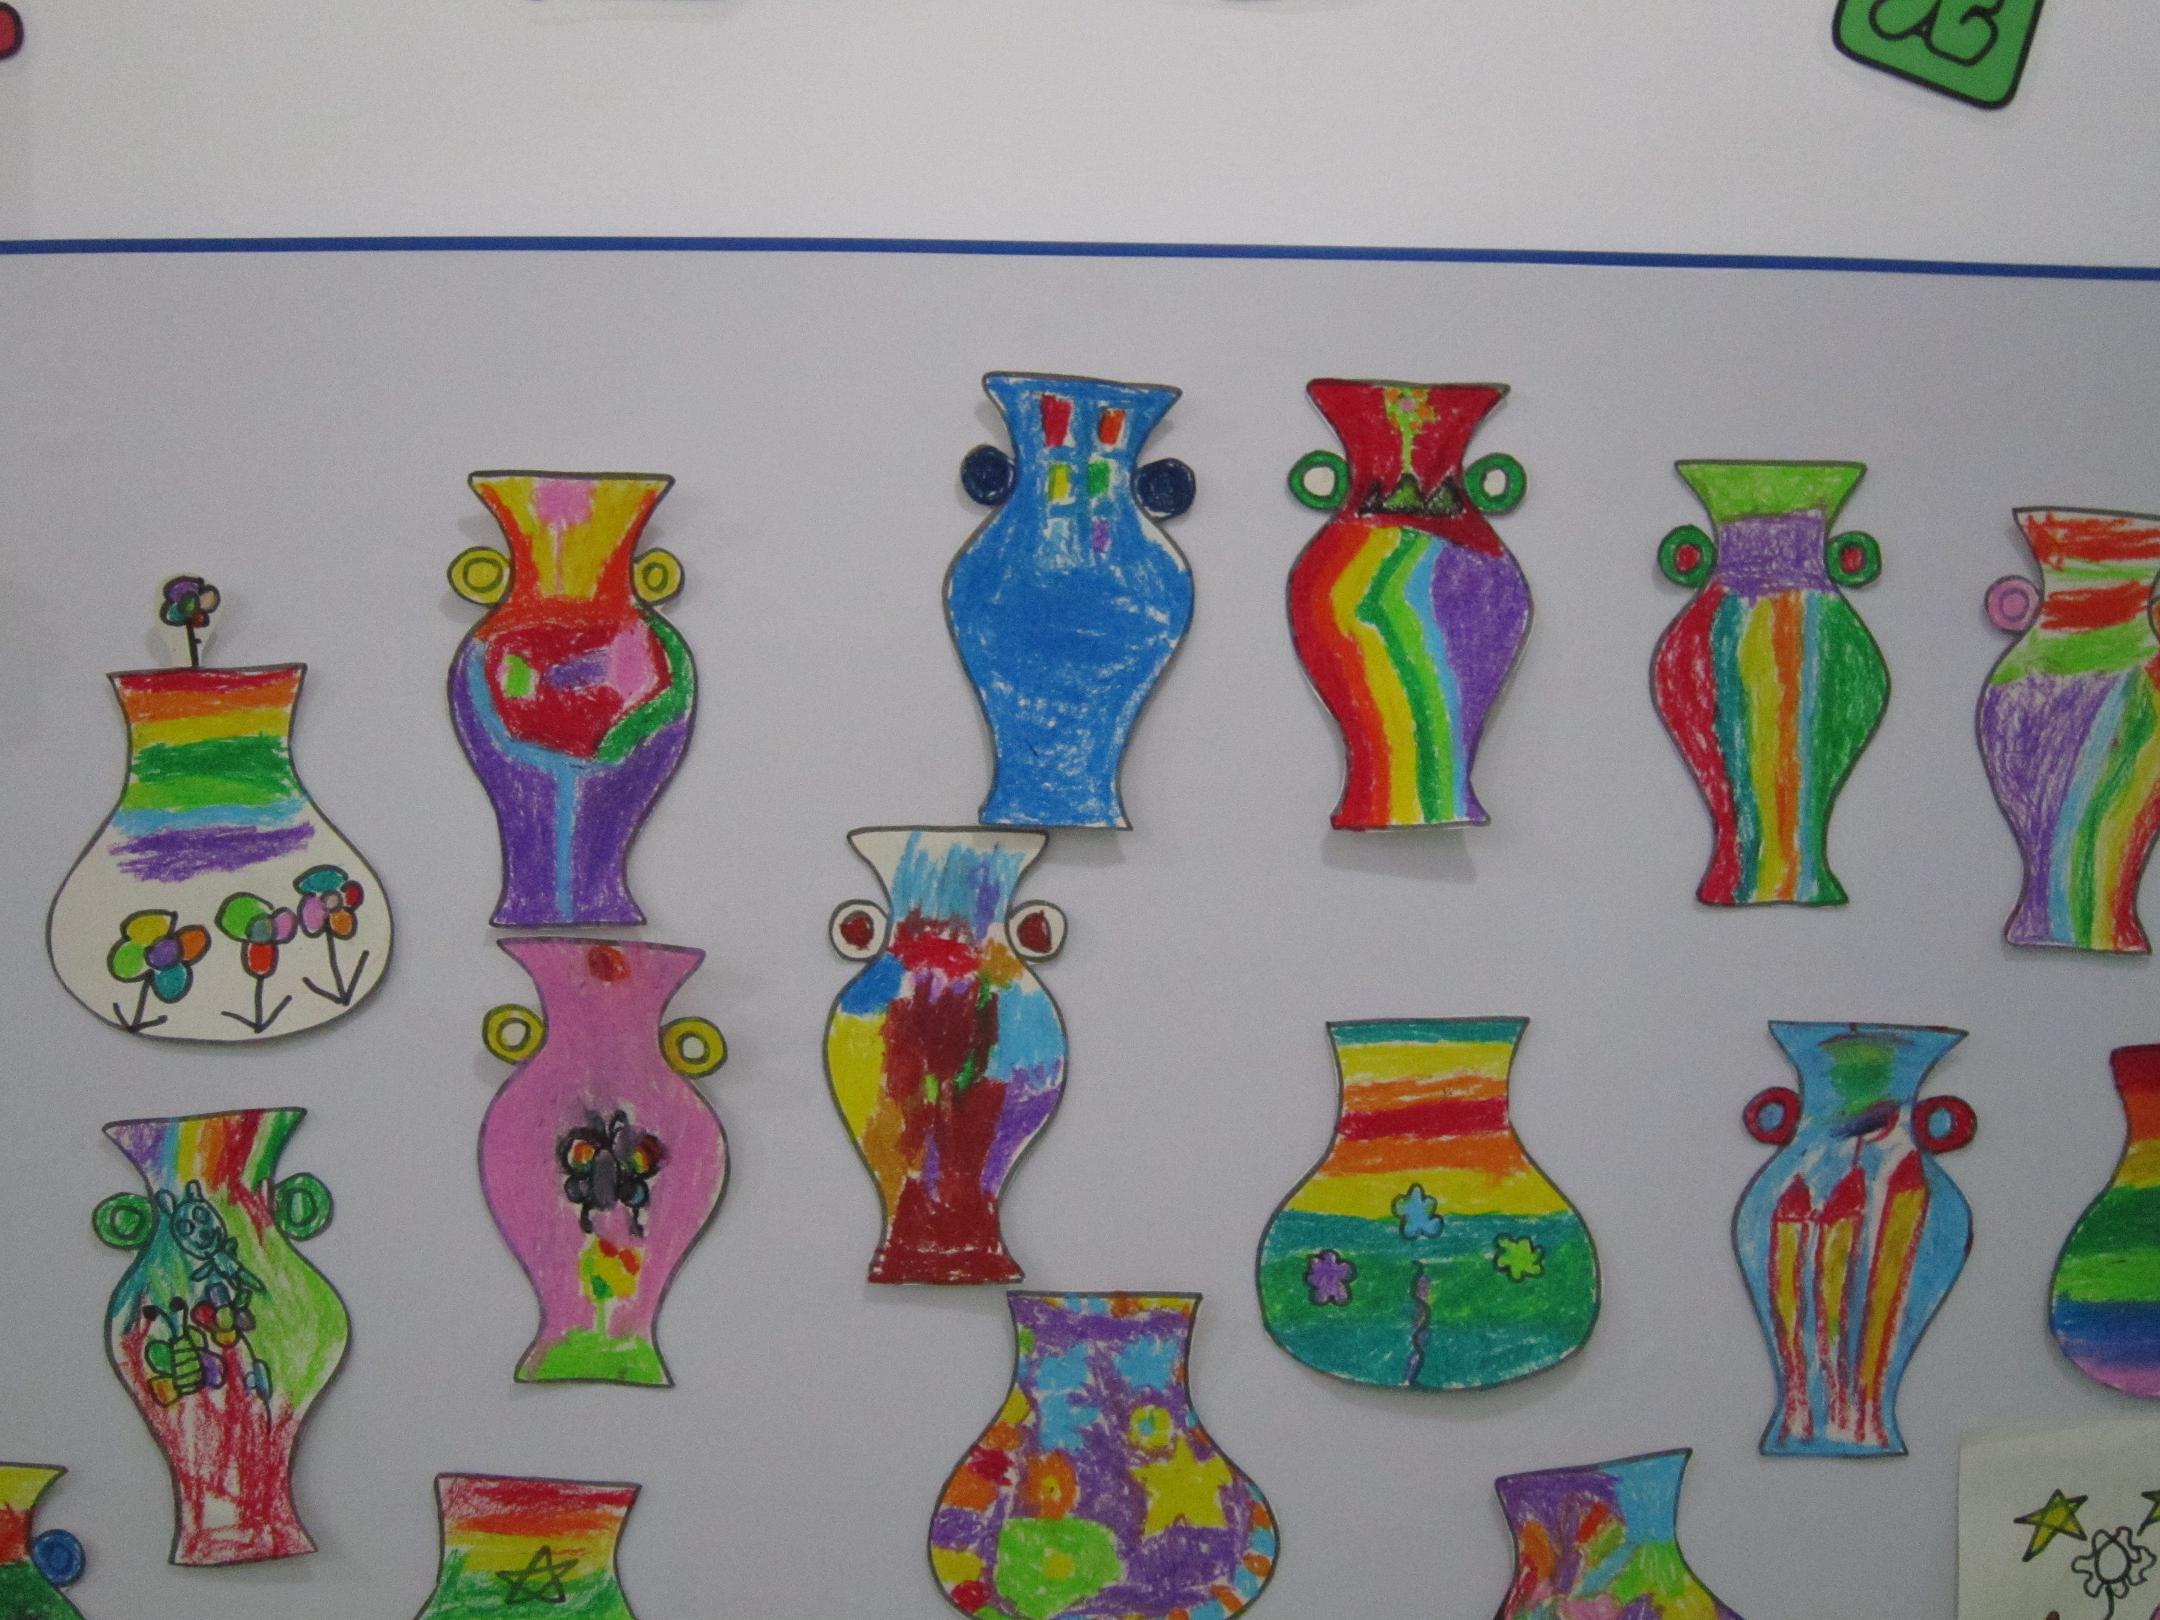 花瓶画点线面装饰画分享_花瓶画点线面装饰画图片